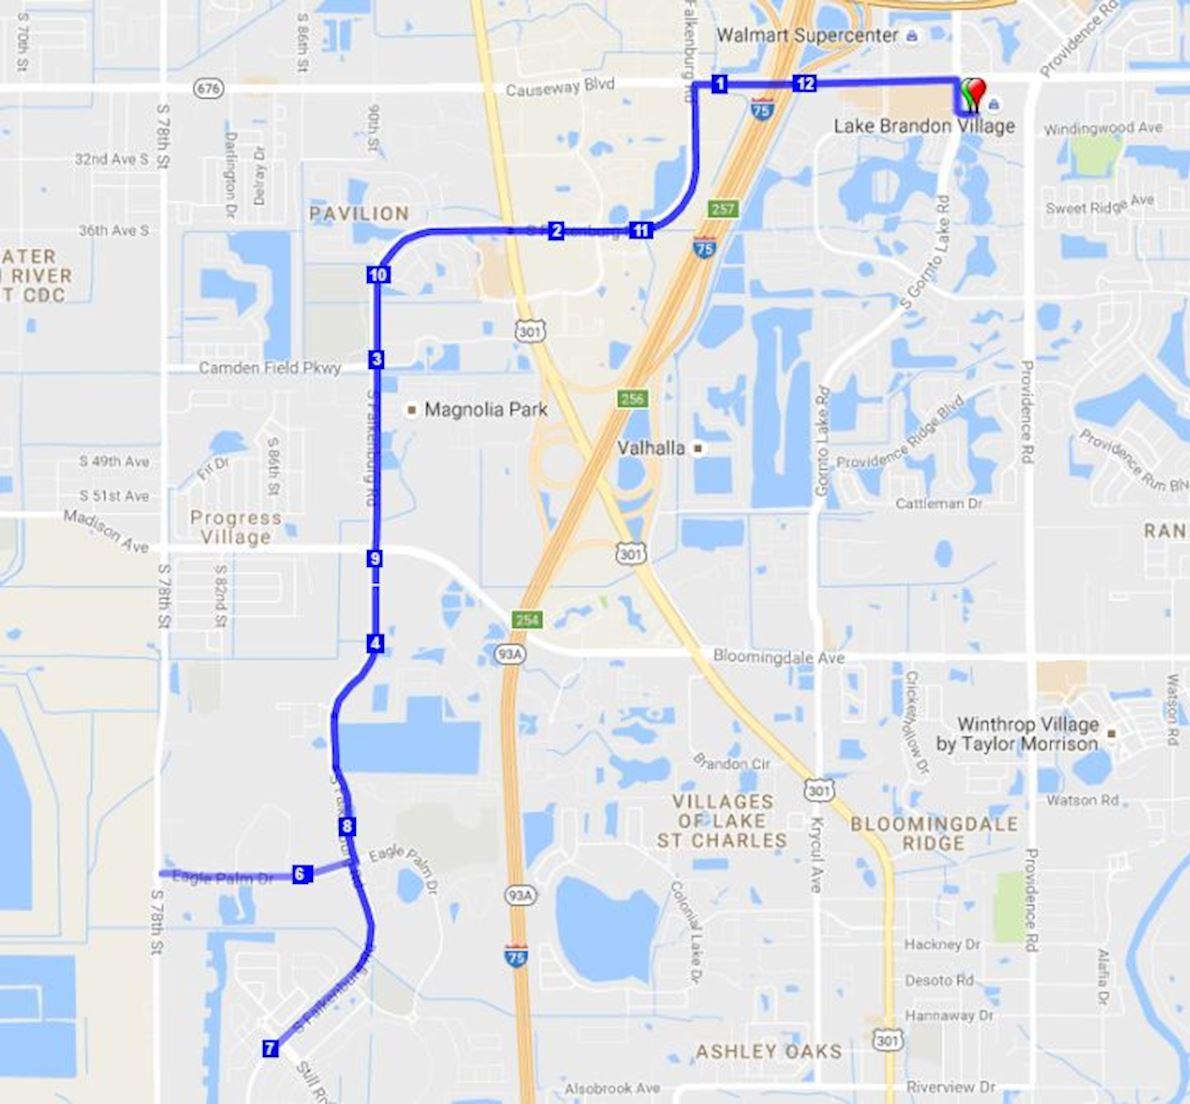 Brandon Half Marathon & 5K MAPA DEL RECORRIDO DE